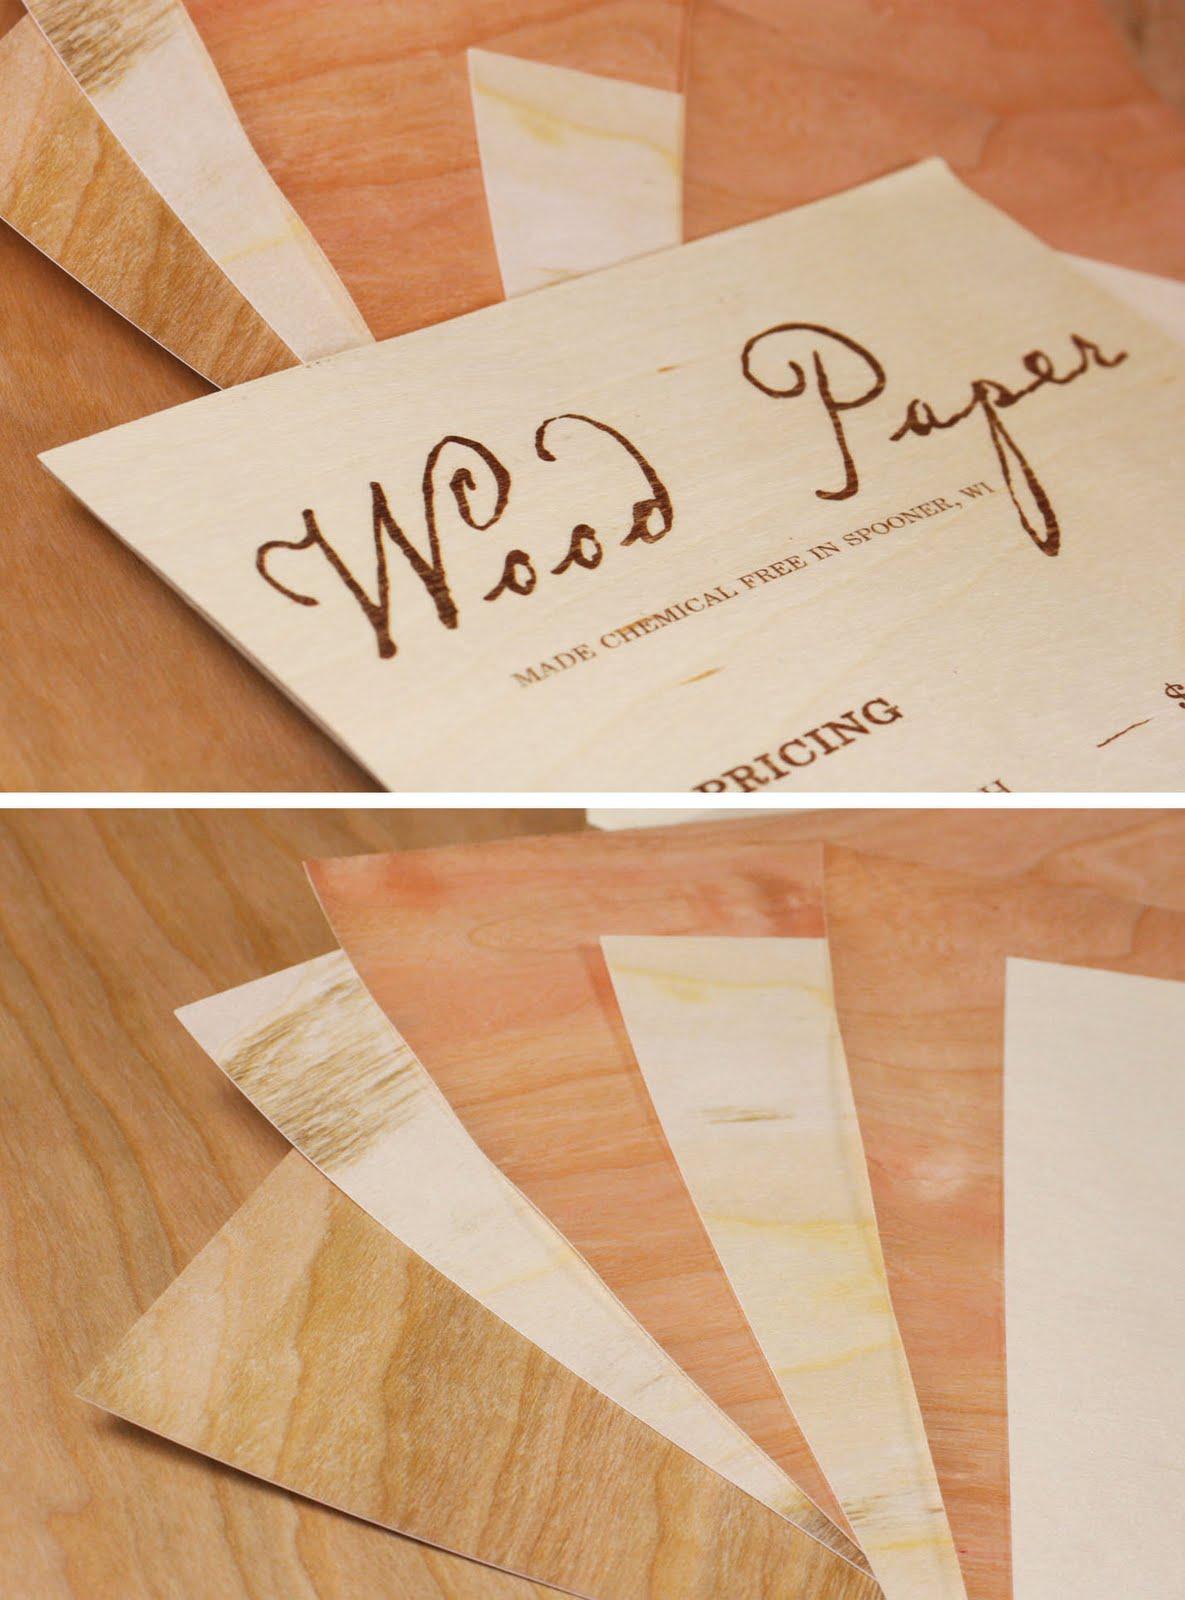 http://1.bp.blogspot.com/_PQefYAFru_U/TAZzMyn539I/AAAAAAAAAsg/q9yROPCUFEs/s1600/woodpaperblogphoto.jpg